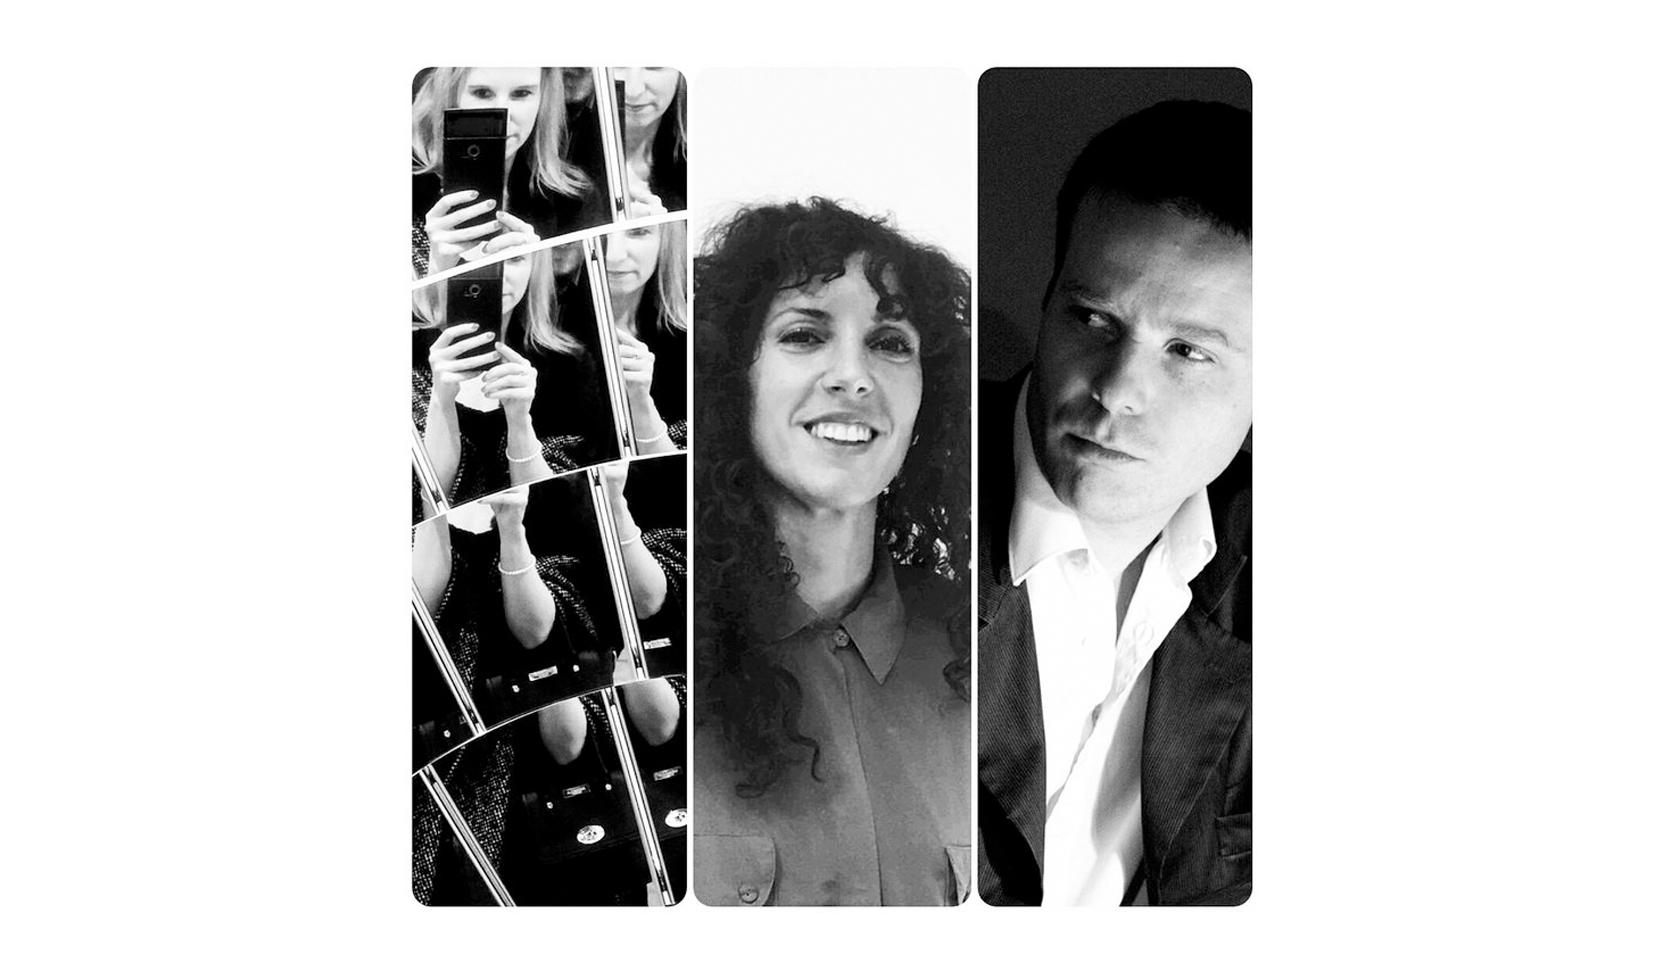 LIVING, with Tom McCarthy, Stella Bottai and Sara Upstone